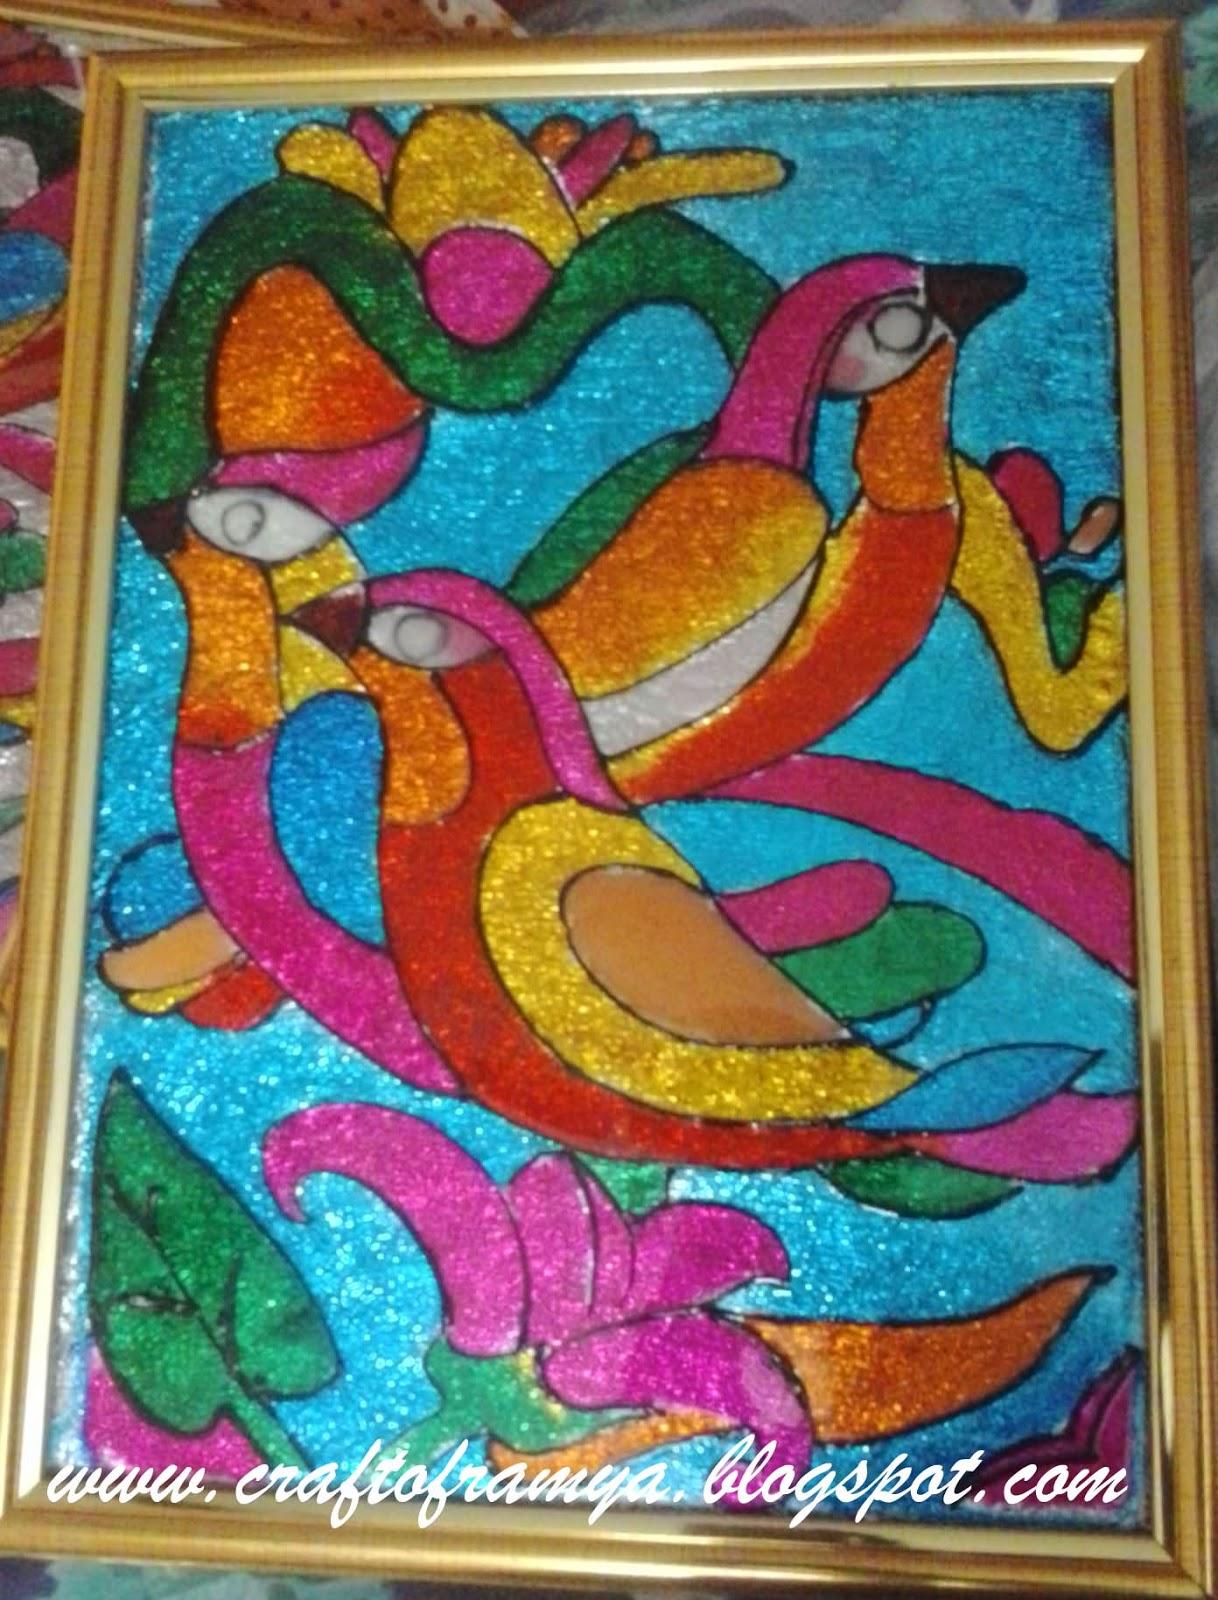 Creative glass paintings - Creative glass painting ideas ...